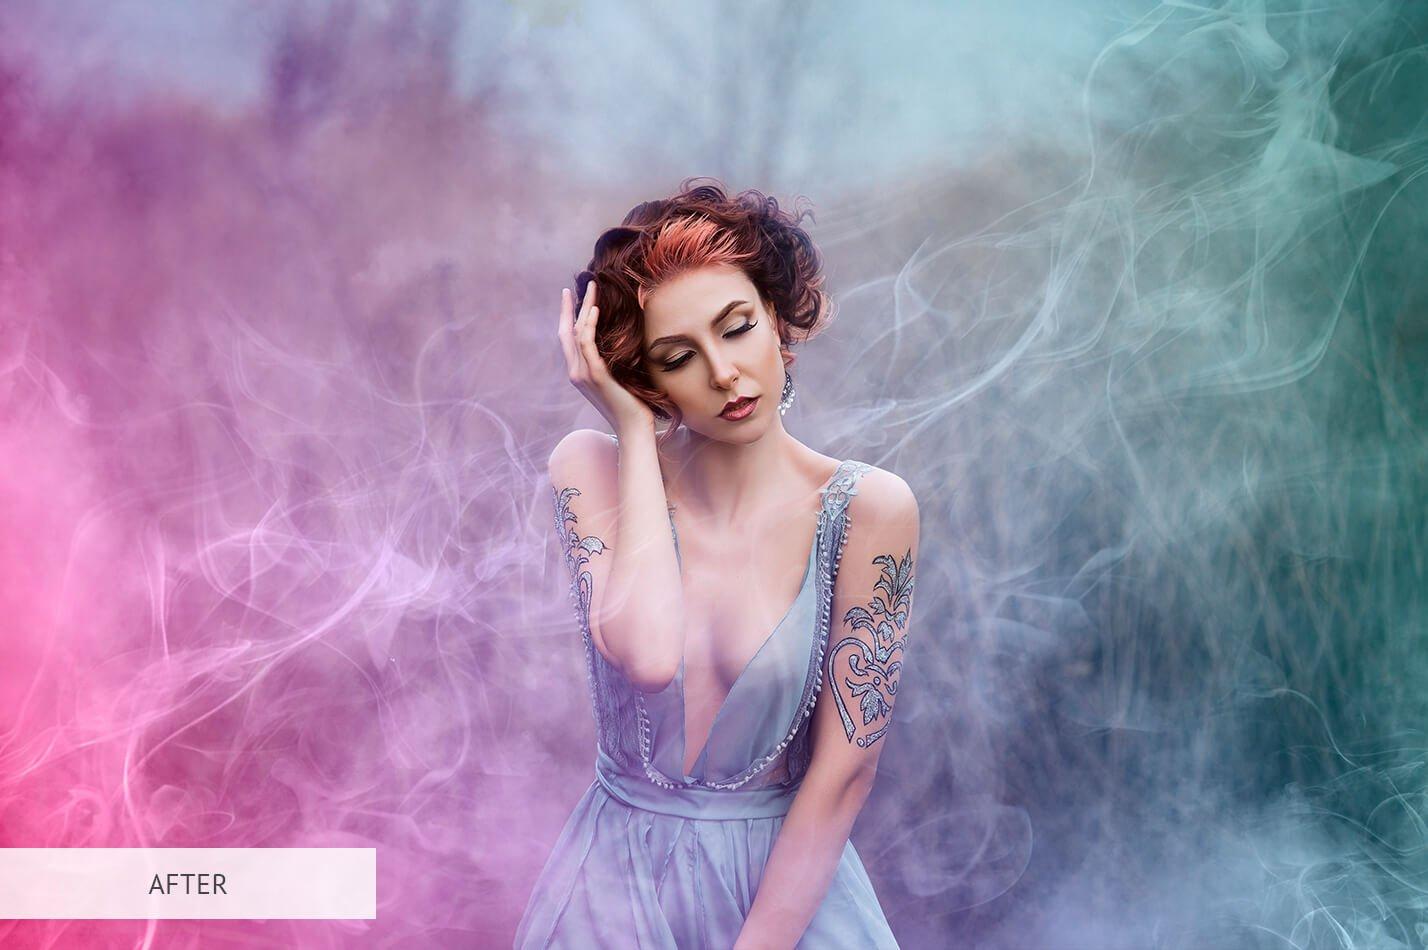 20款高清烟雾雾气效果PS叠加层PNG免抠图片素材 Smoke Overlays Photoshop插图(24)